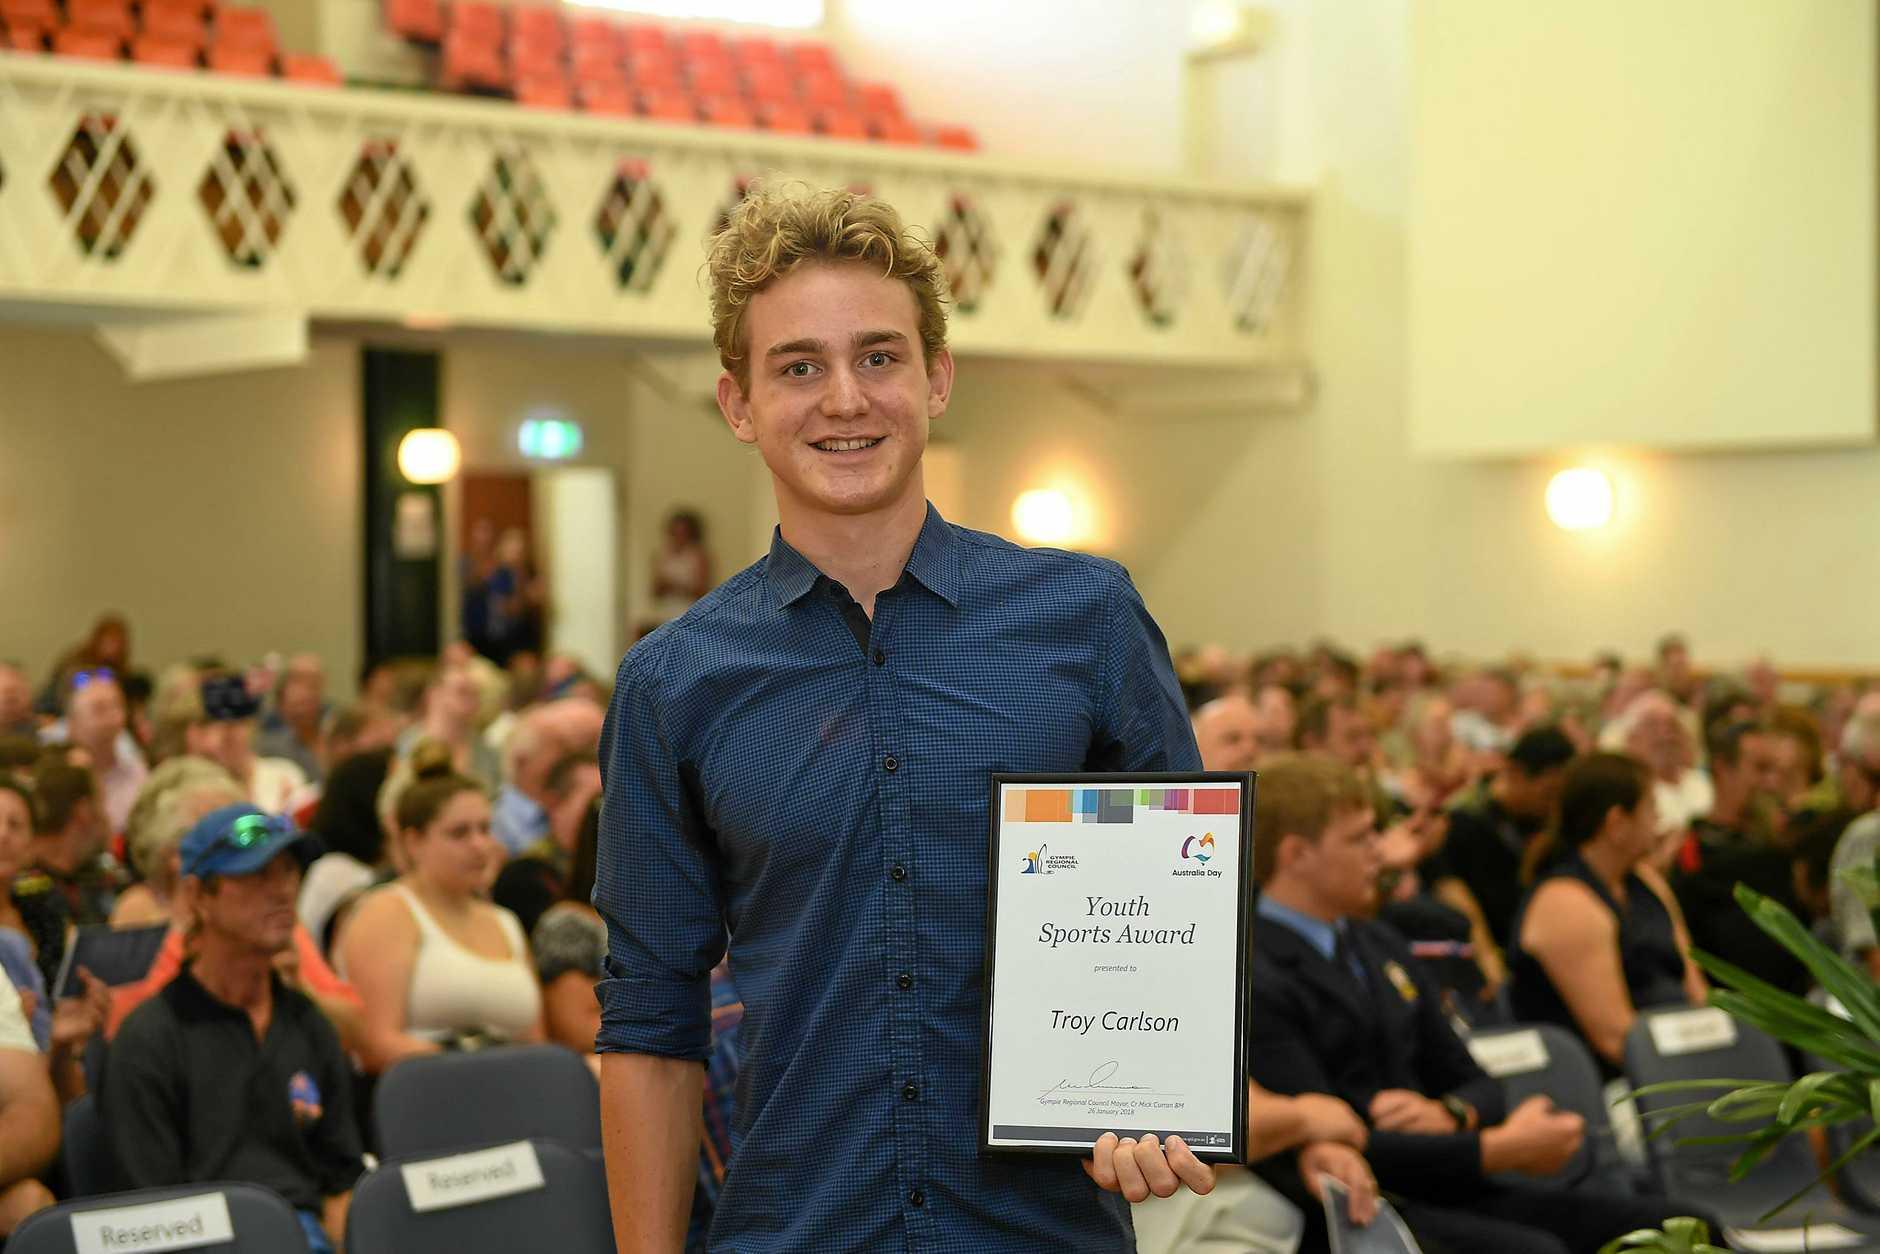 Gympie Australia Day Awards, Youth Sports Awards Troy Carlson.